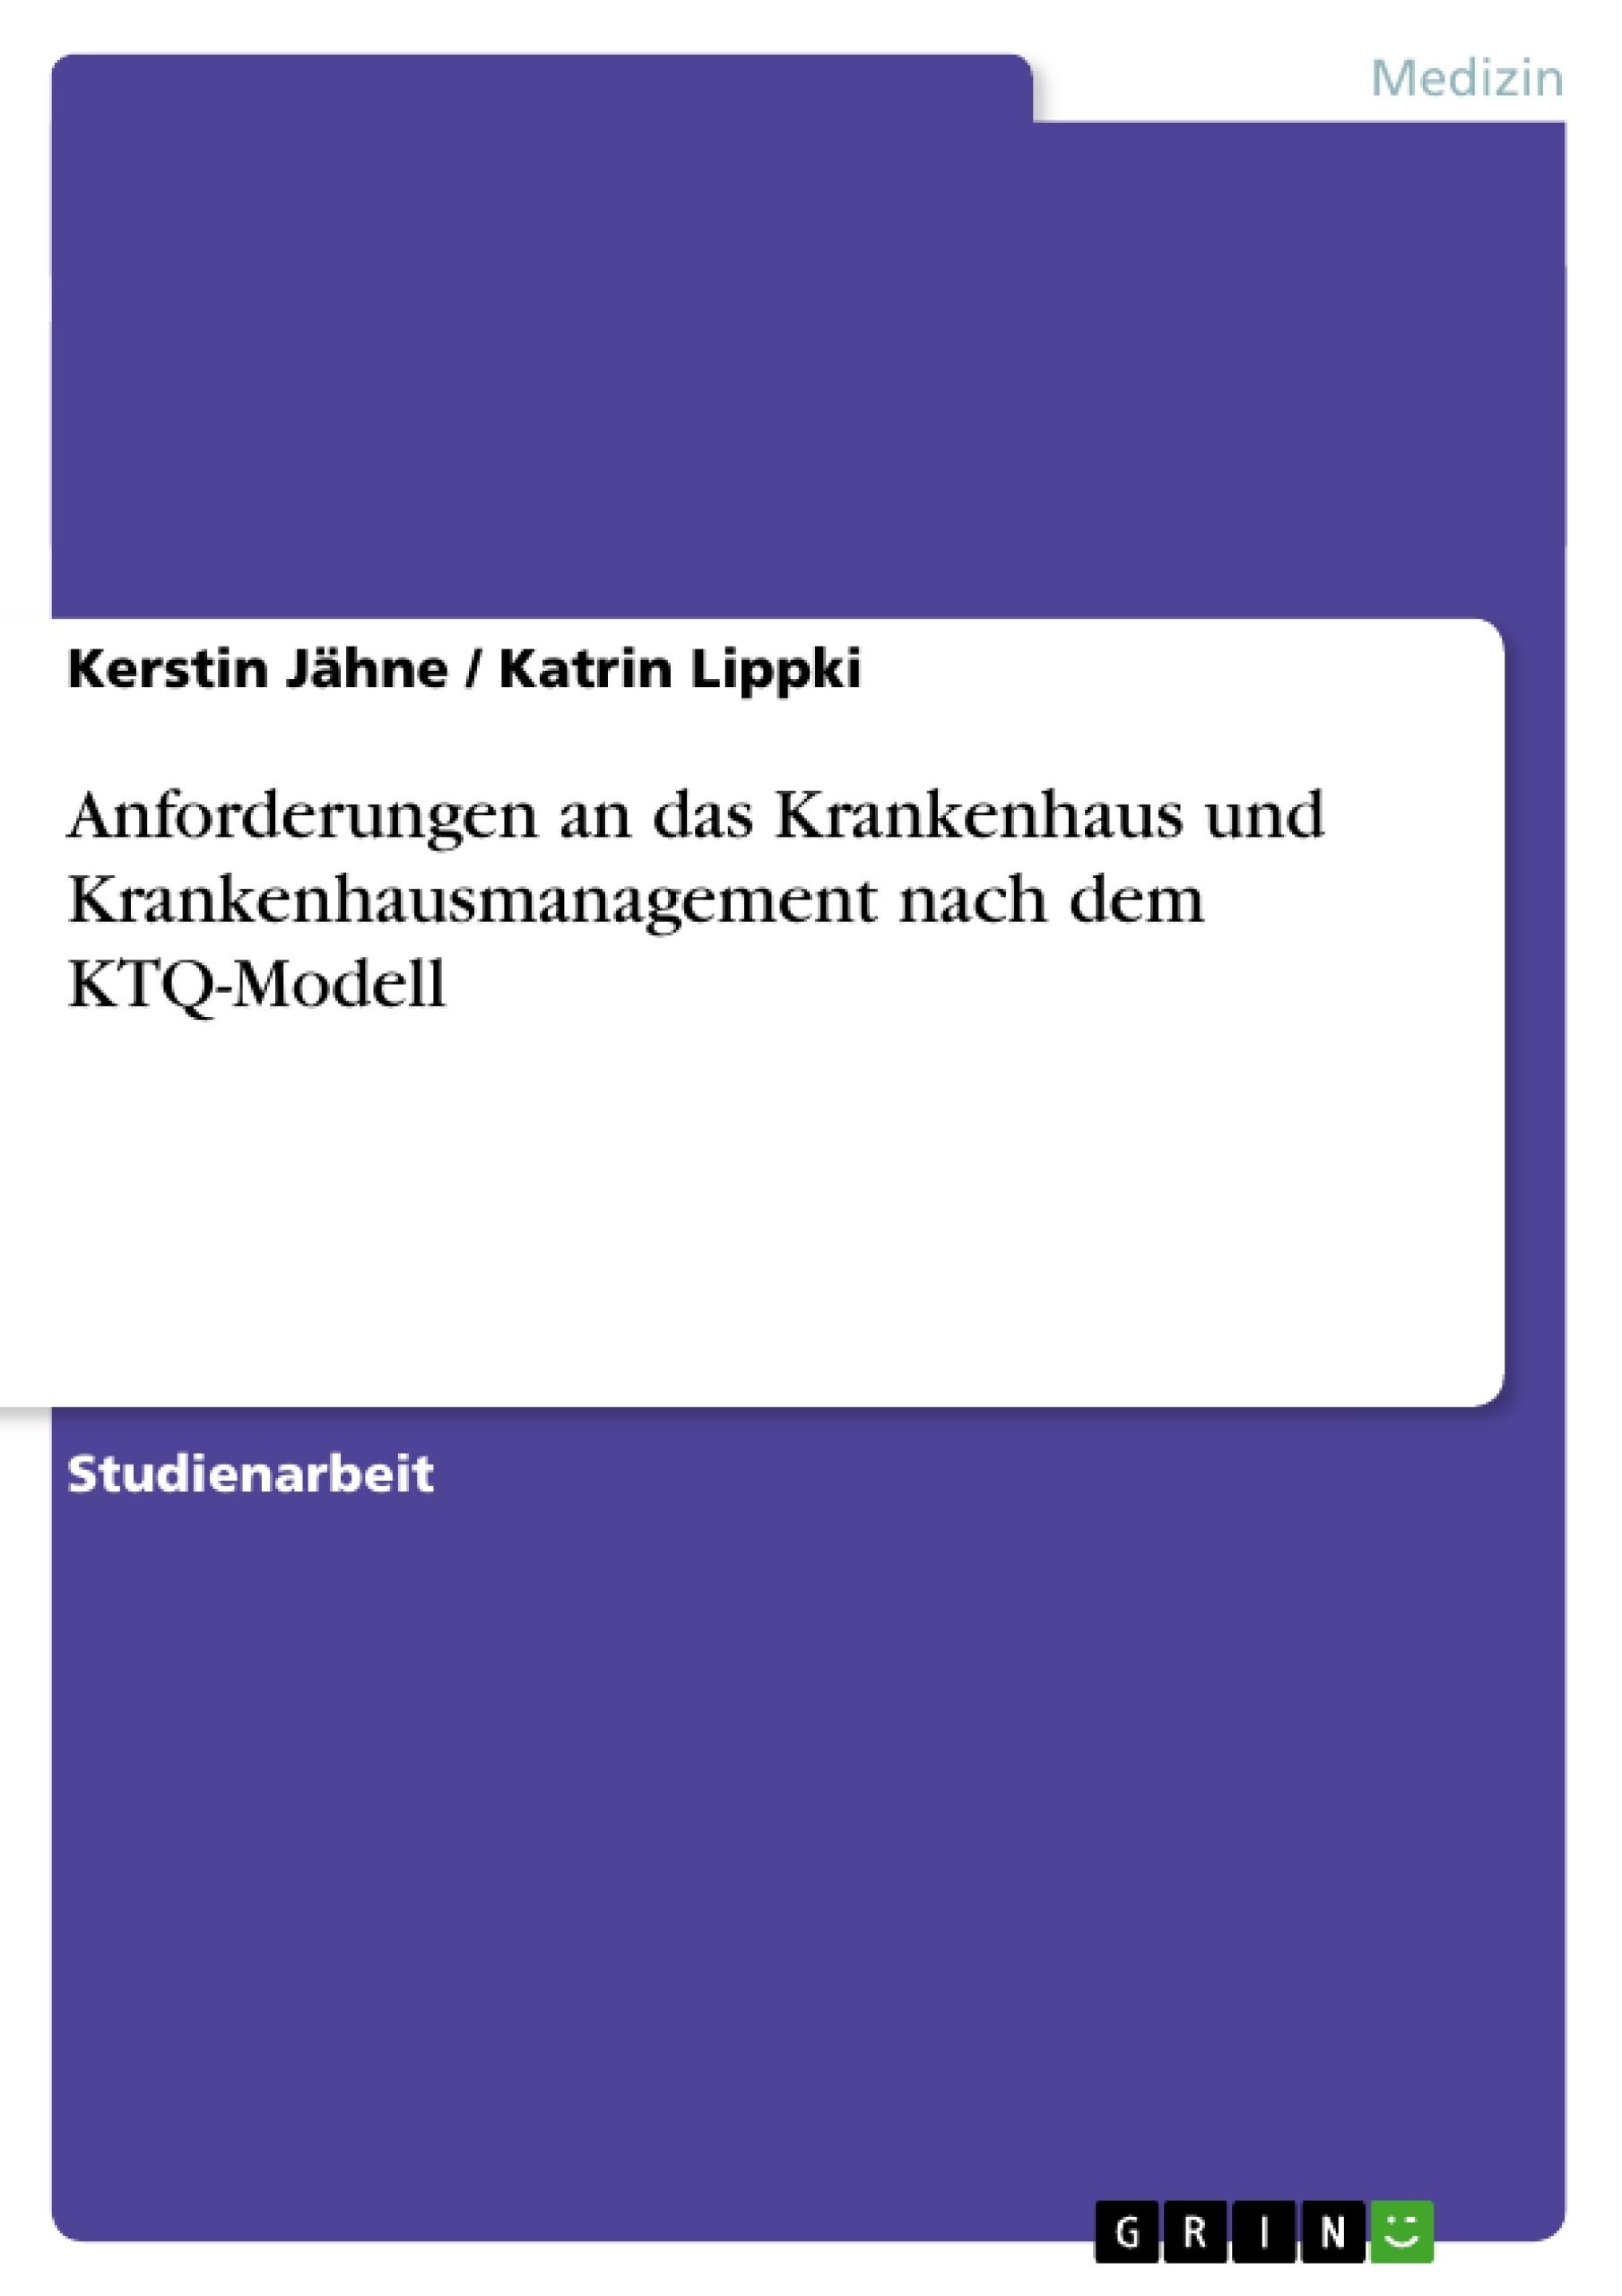 Titel: Anforderungen an das Krankenhaus und Krankenhausmanagement nach dem KTQ-Modell